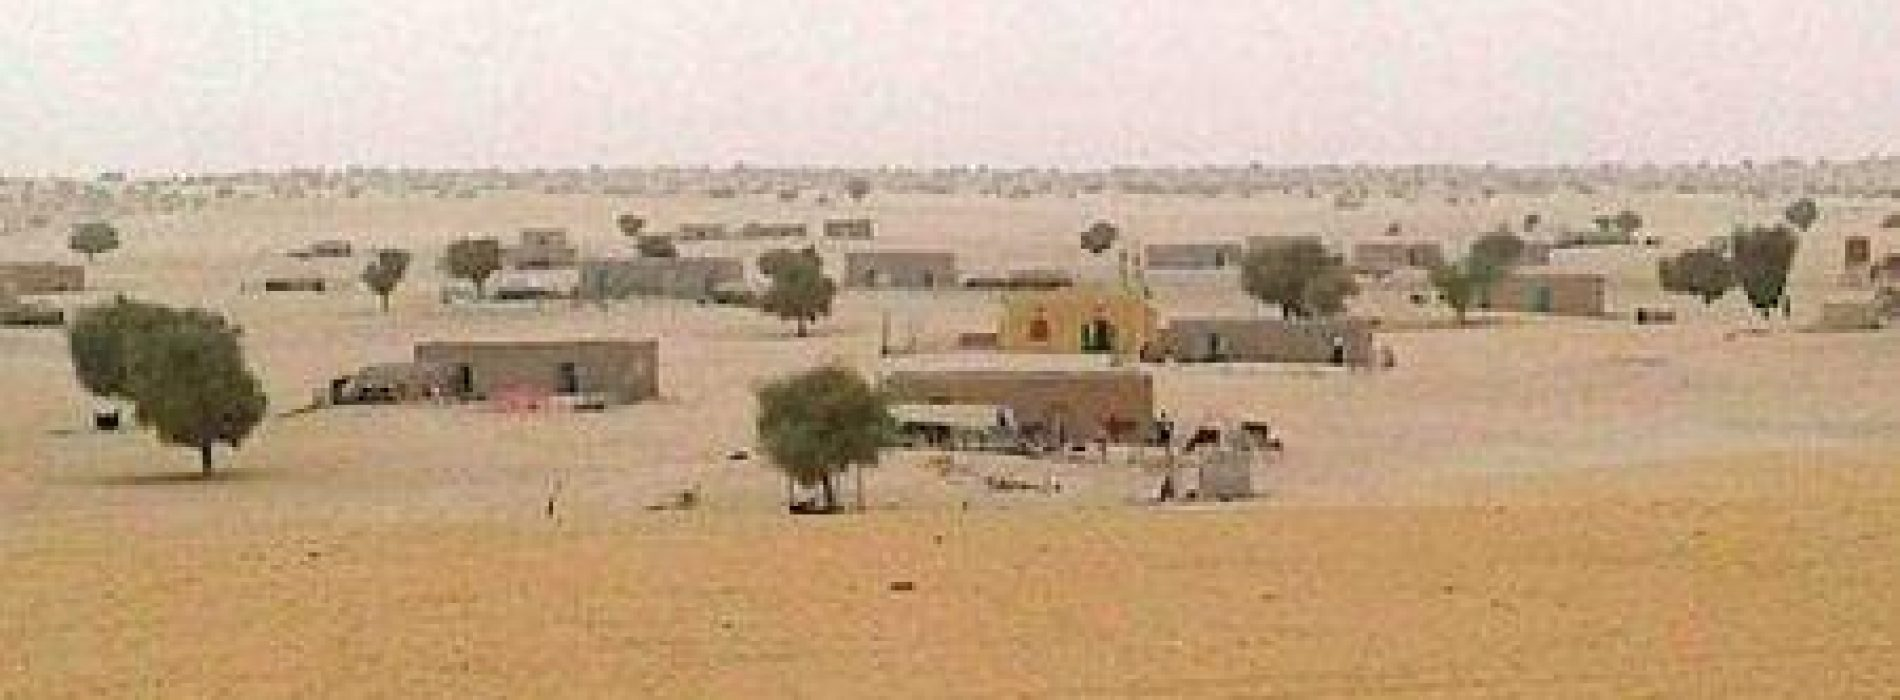 Mali: un enorme potenziale petrolifero che potrebbe non essere mai sviluppato